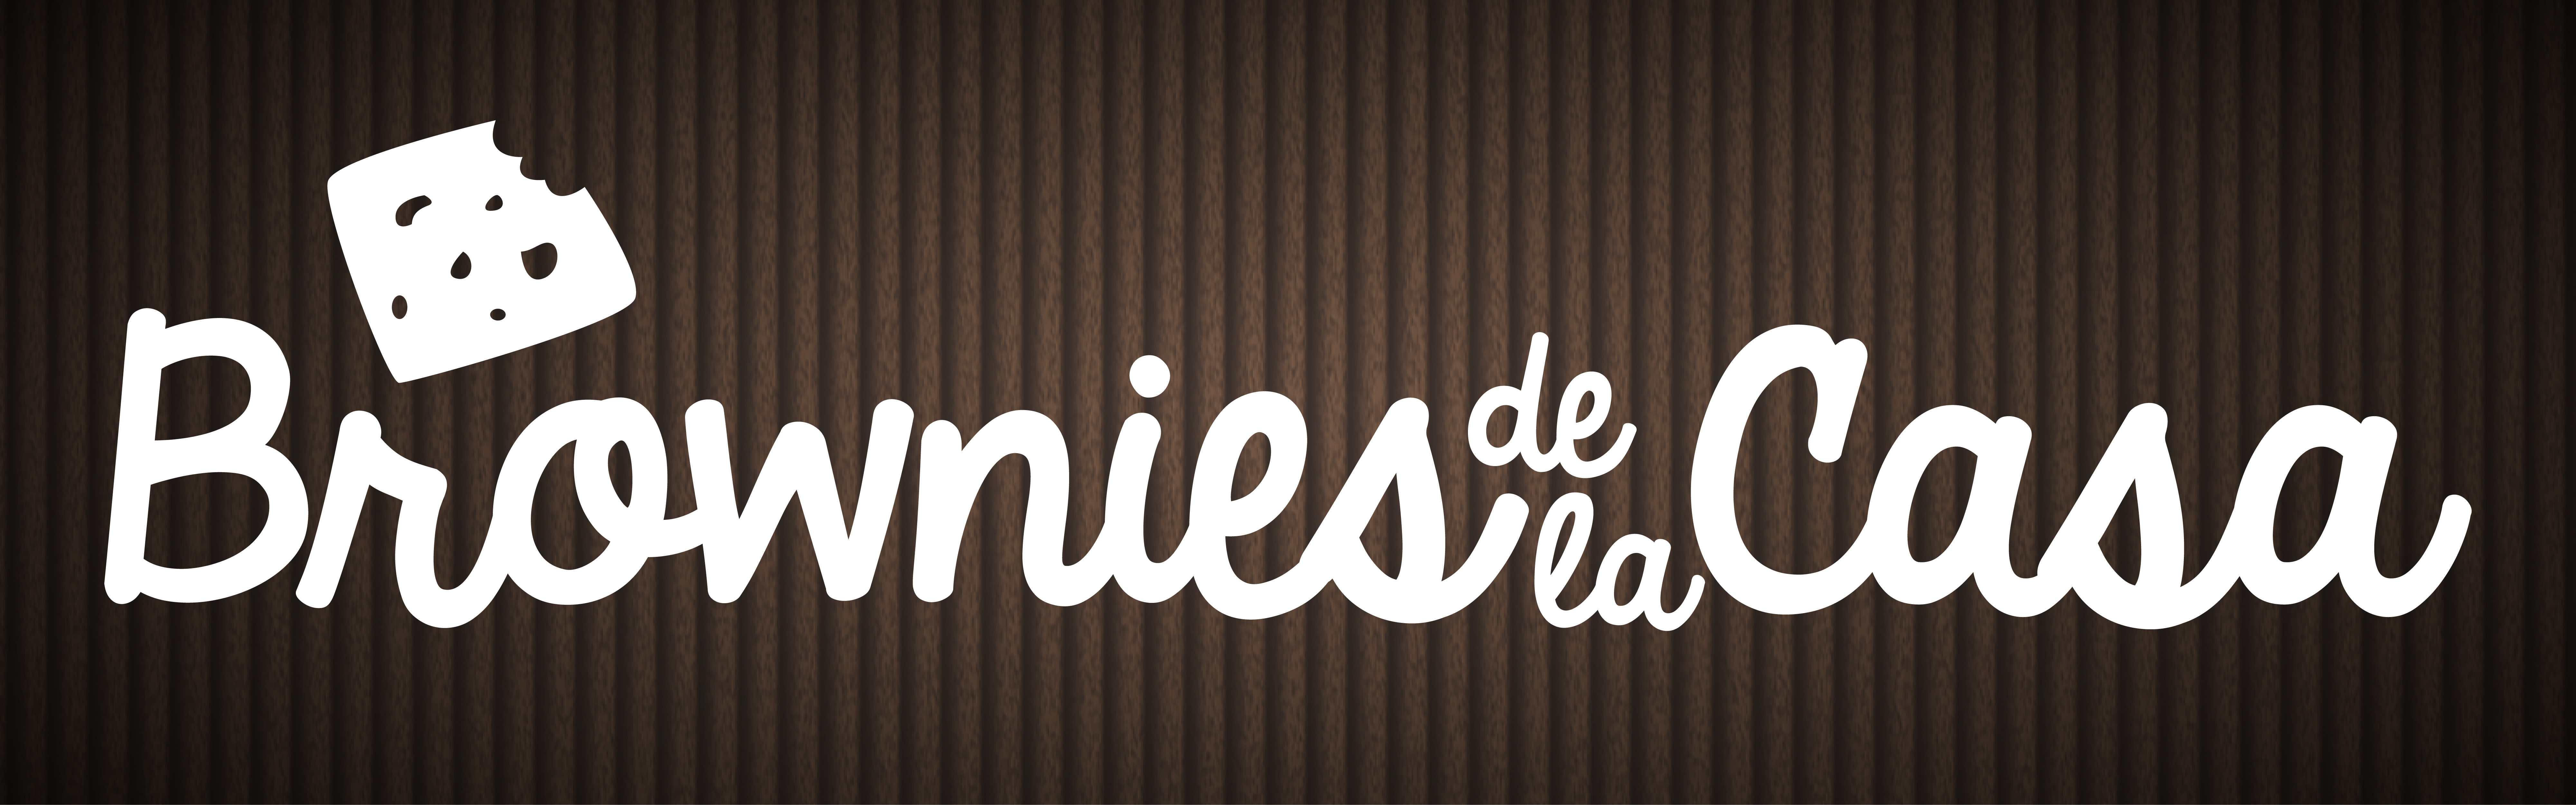 02-brownies-de-la-casa